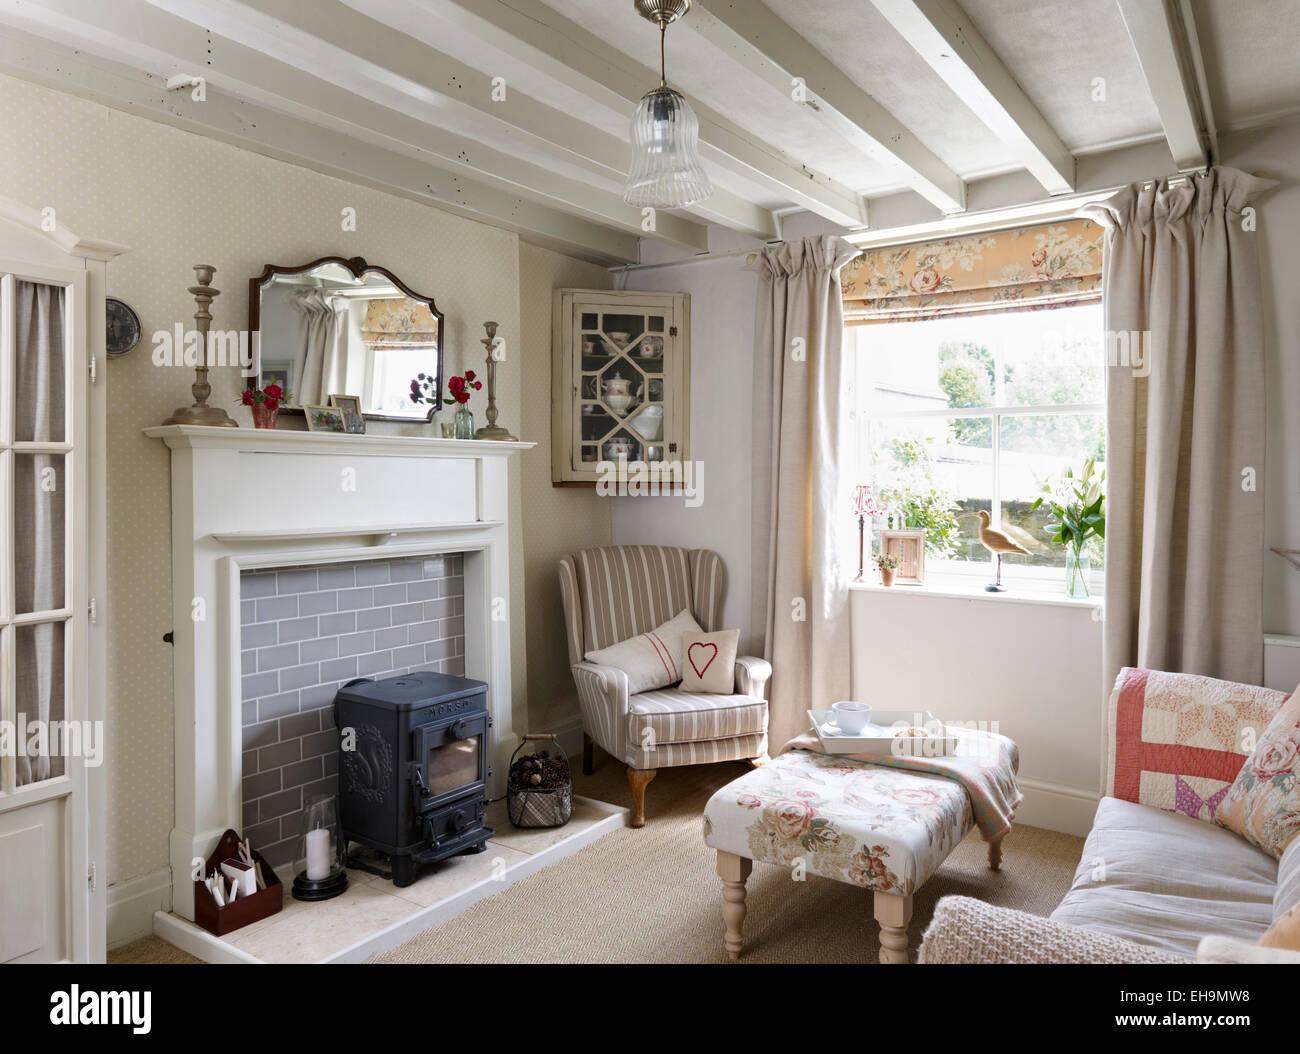 Poele A Bois Maison white salon avec plafond à poutres apparentes, d''un canapé